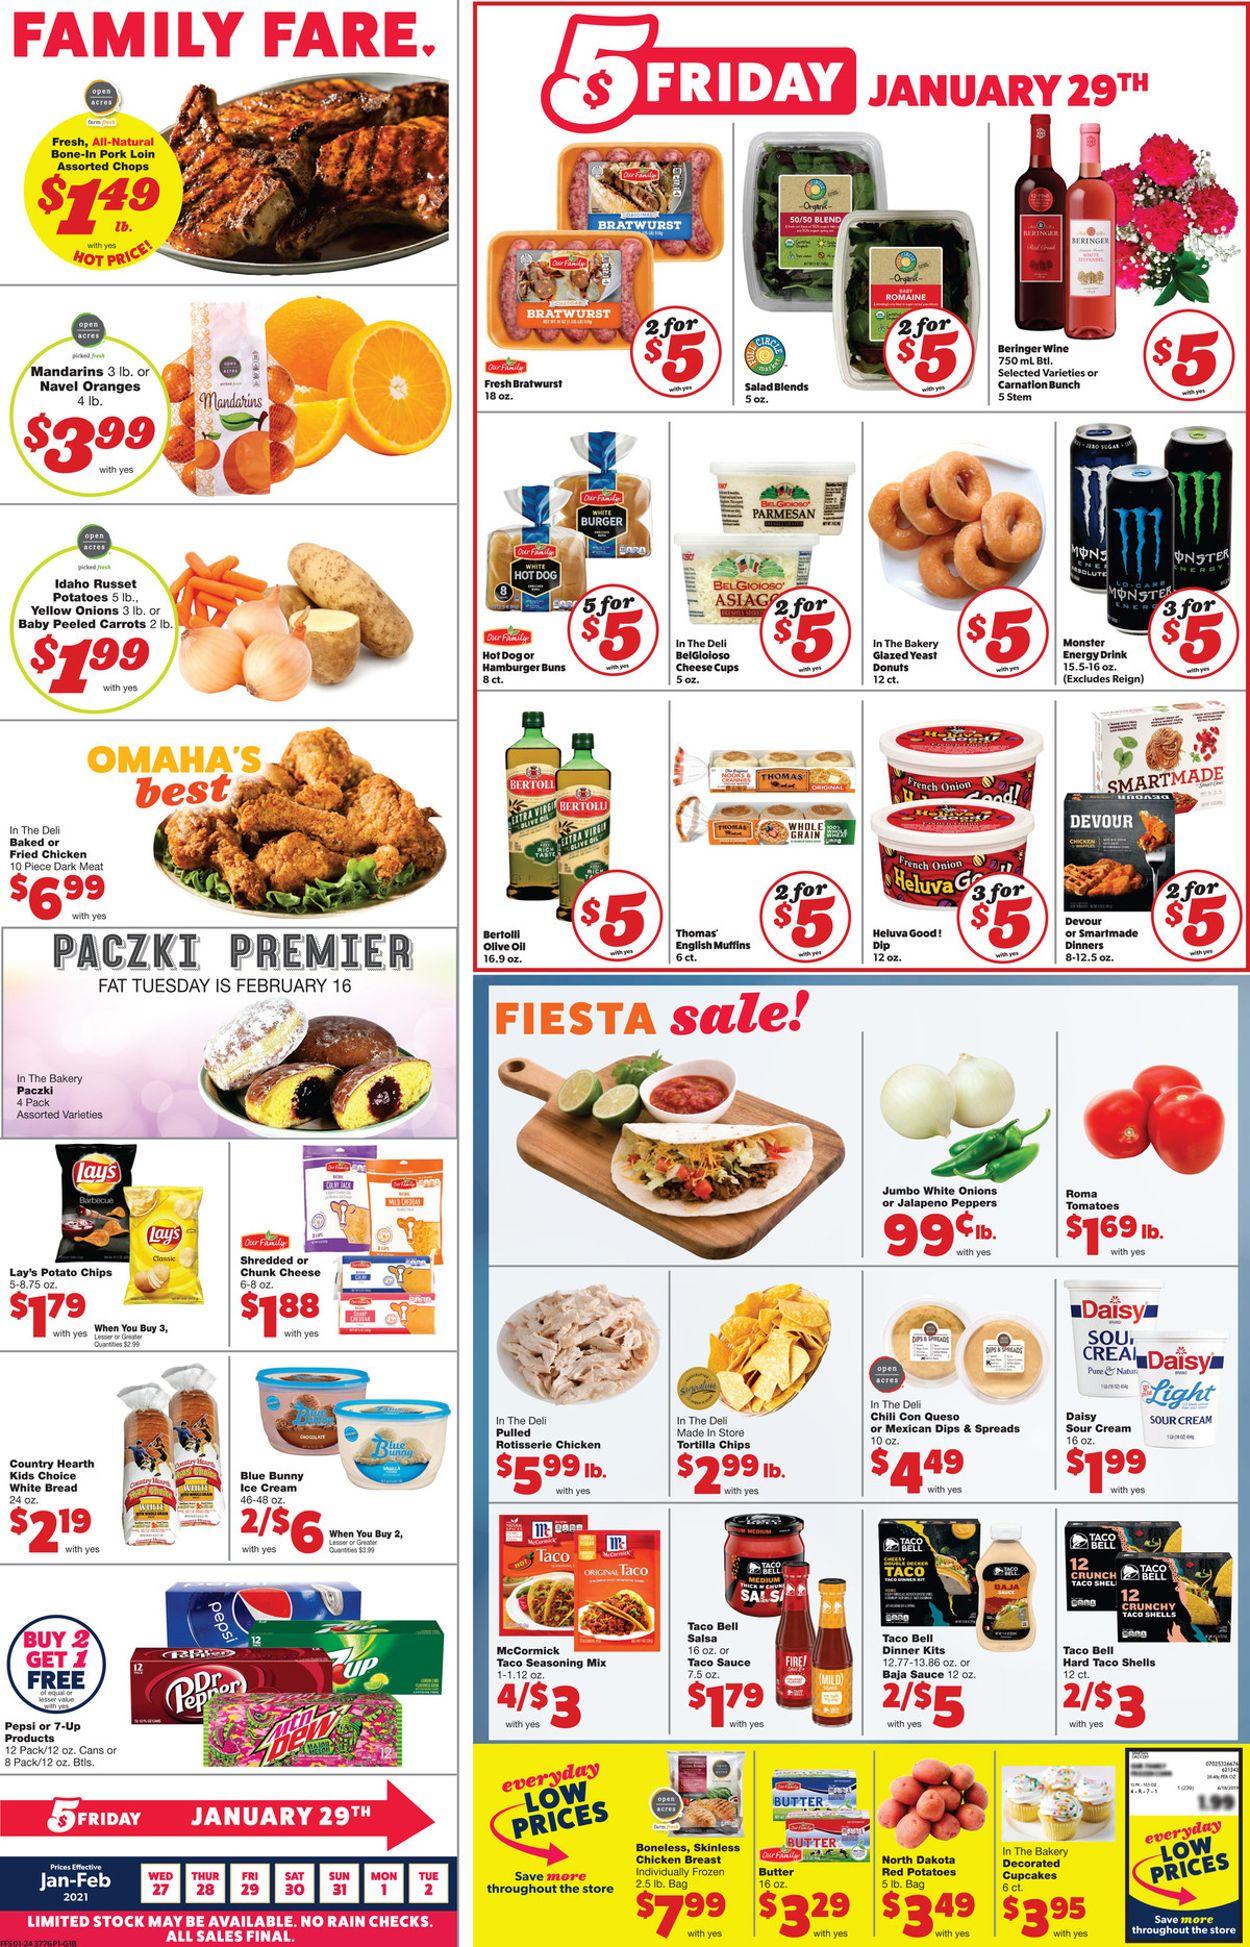 Family Fare Weekly Ad Circular - valid 01/27-02/02/2021